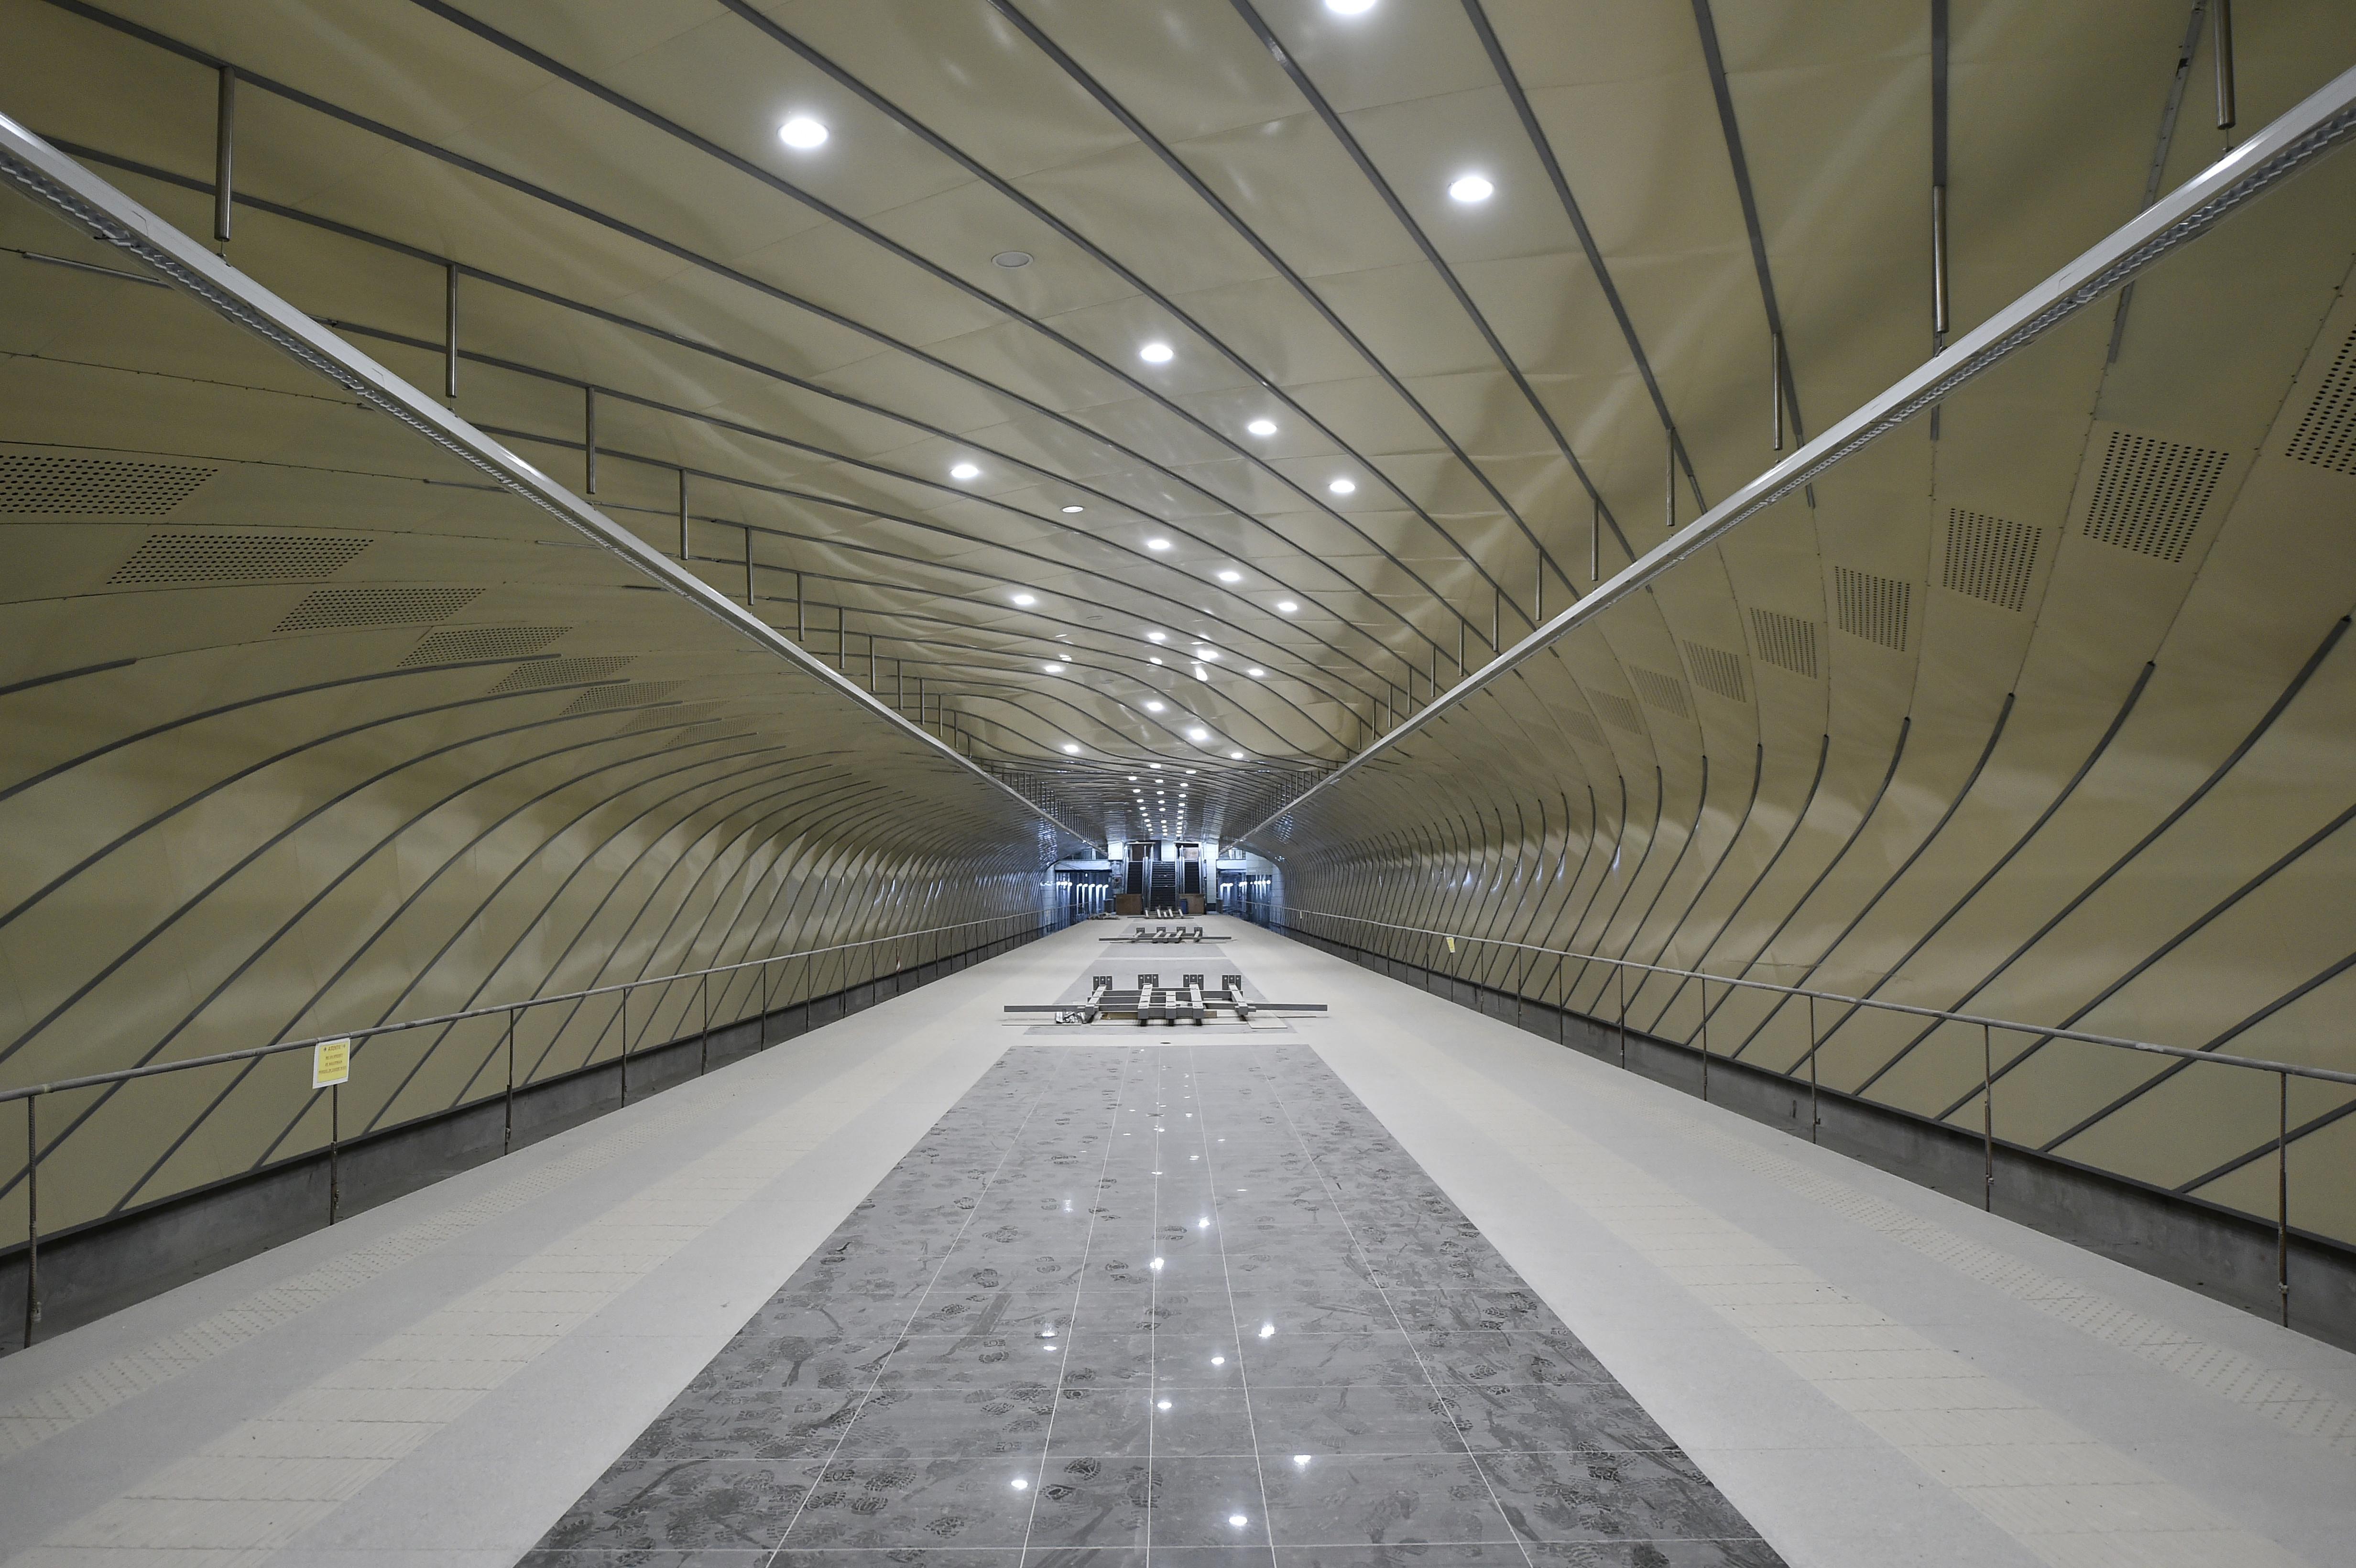 Noi precizări de la Metrorex privind inaugurarea magistralei M5 Drumul Taberei. Când va putea fi folosită